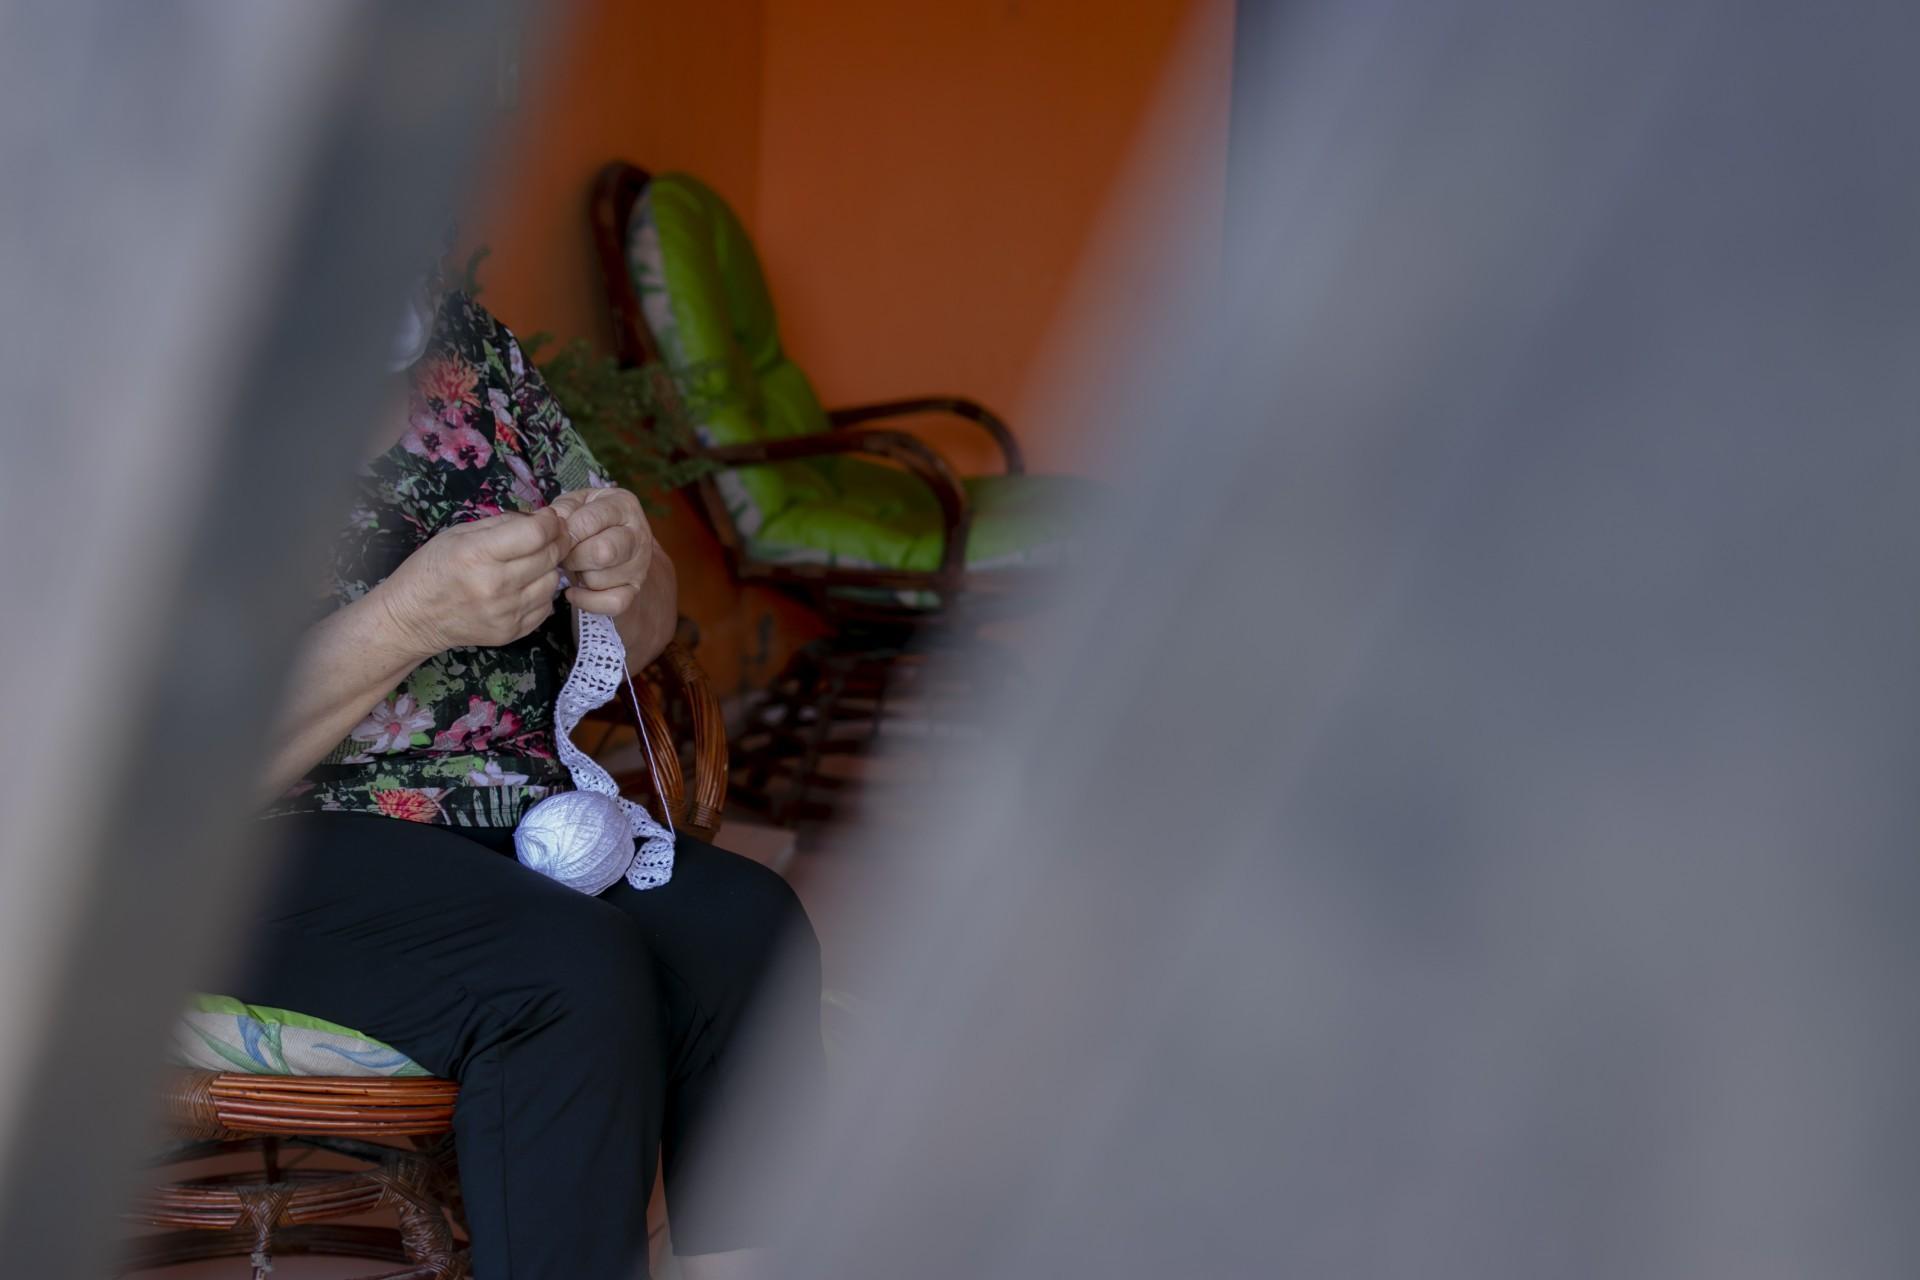 Casos de pessoas com sintomas de ansiedade e depressão estão em alta mesmo após a flexibilização do isolamento social